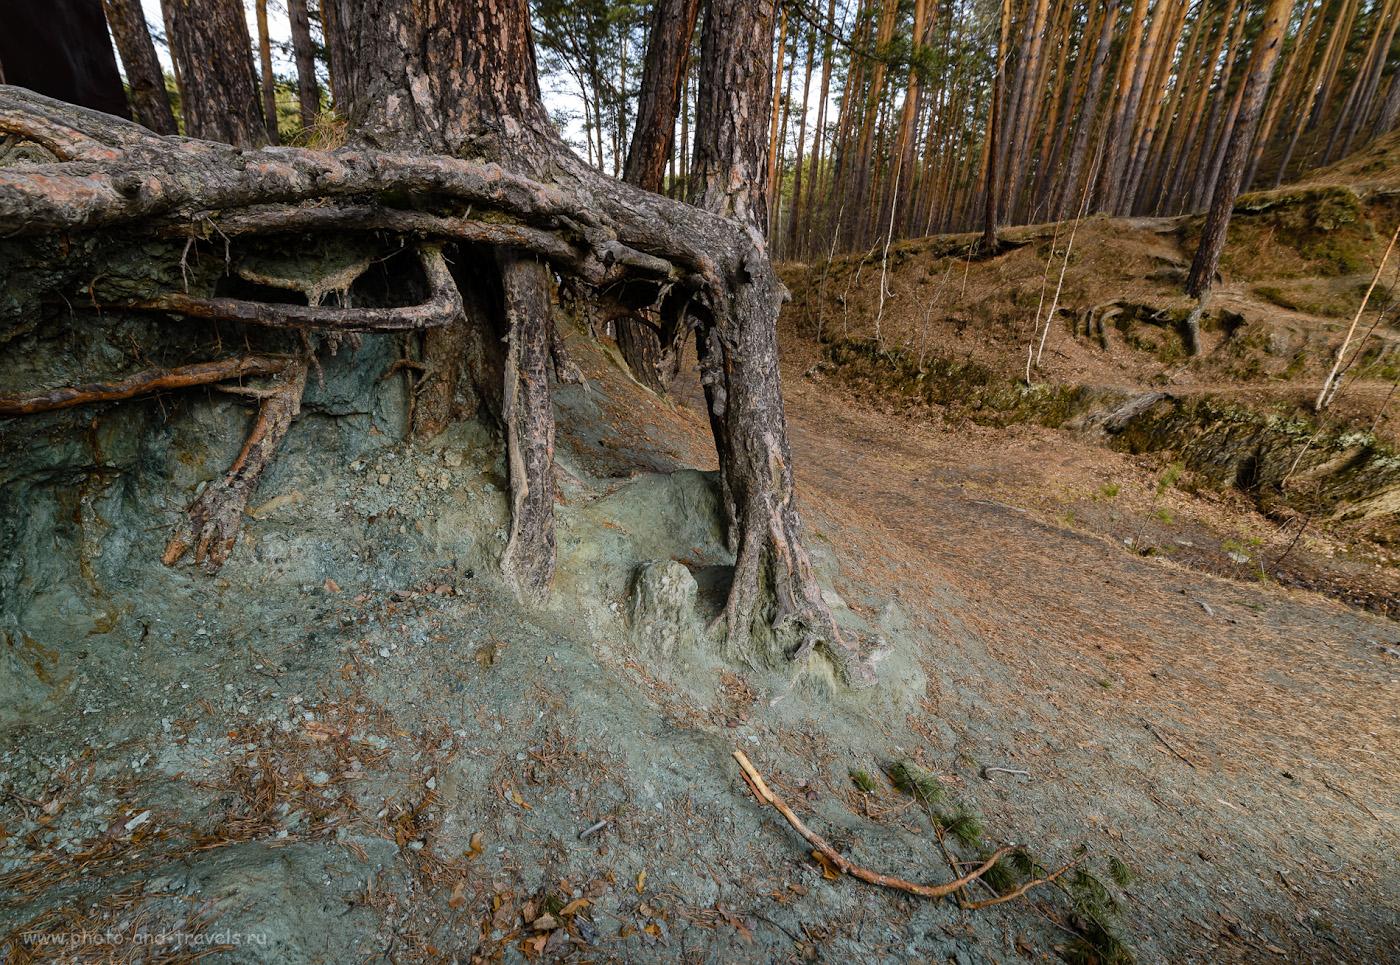 Фото 36. Старый лес на берегу озера Тальков камень. 1/30, 8.0, 110, 14.